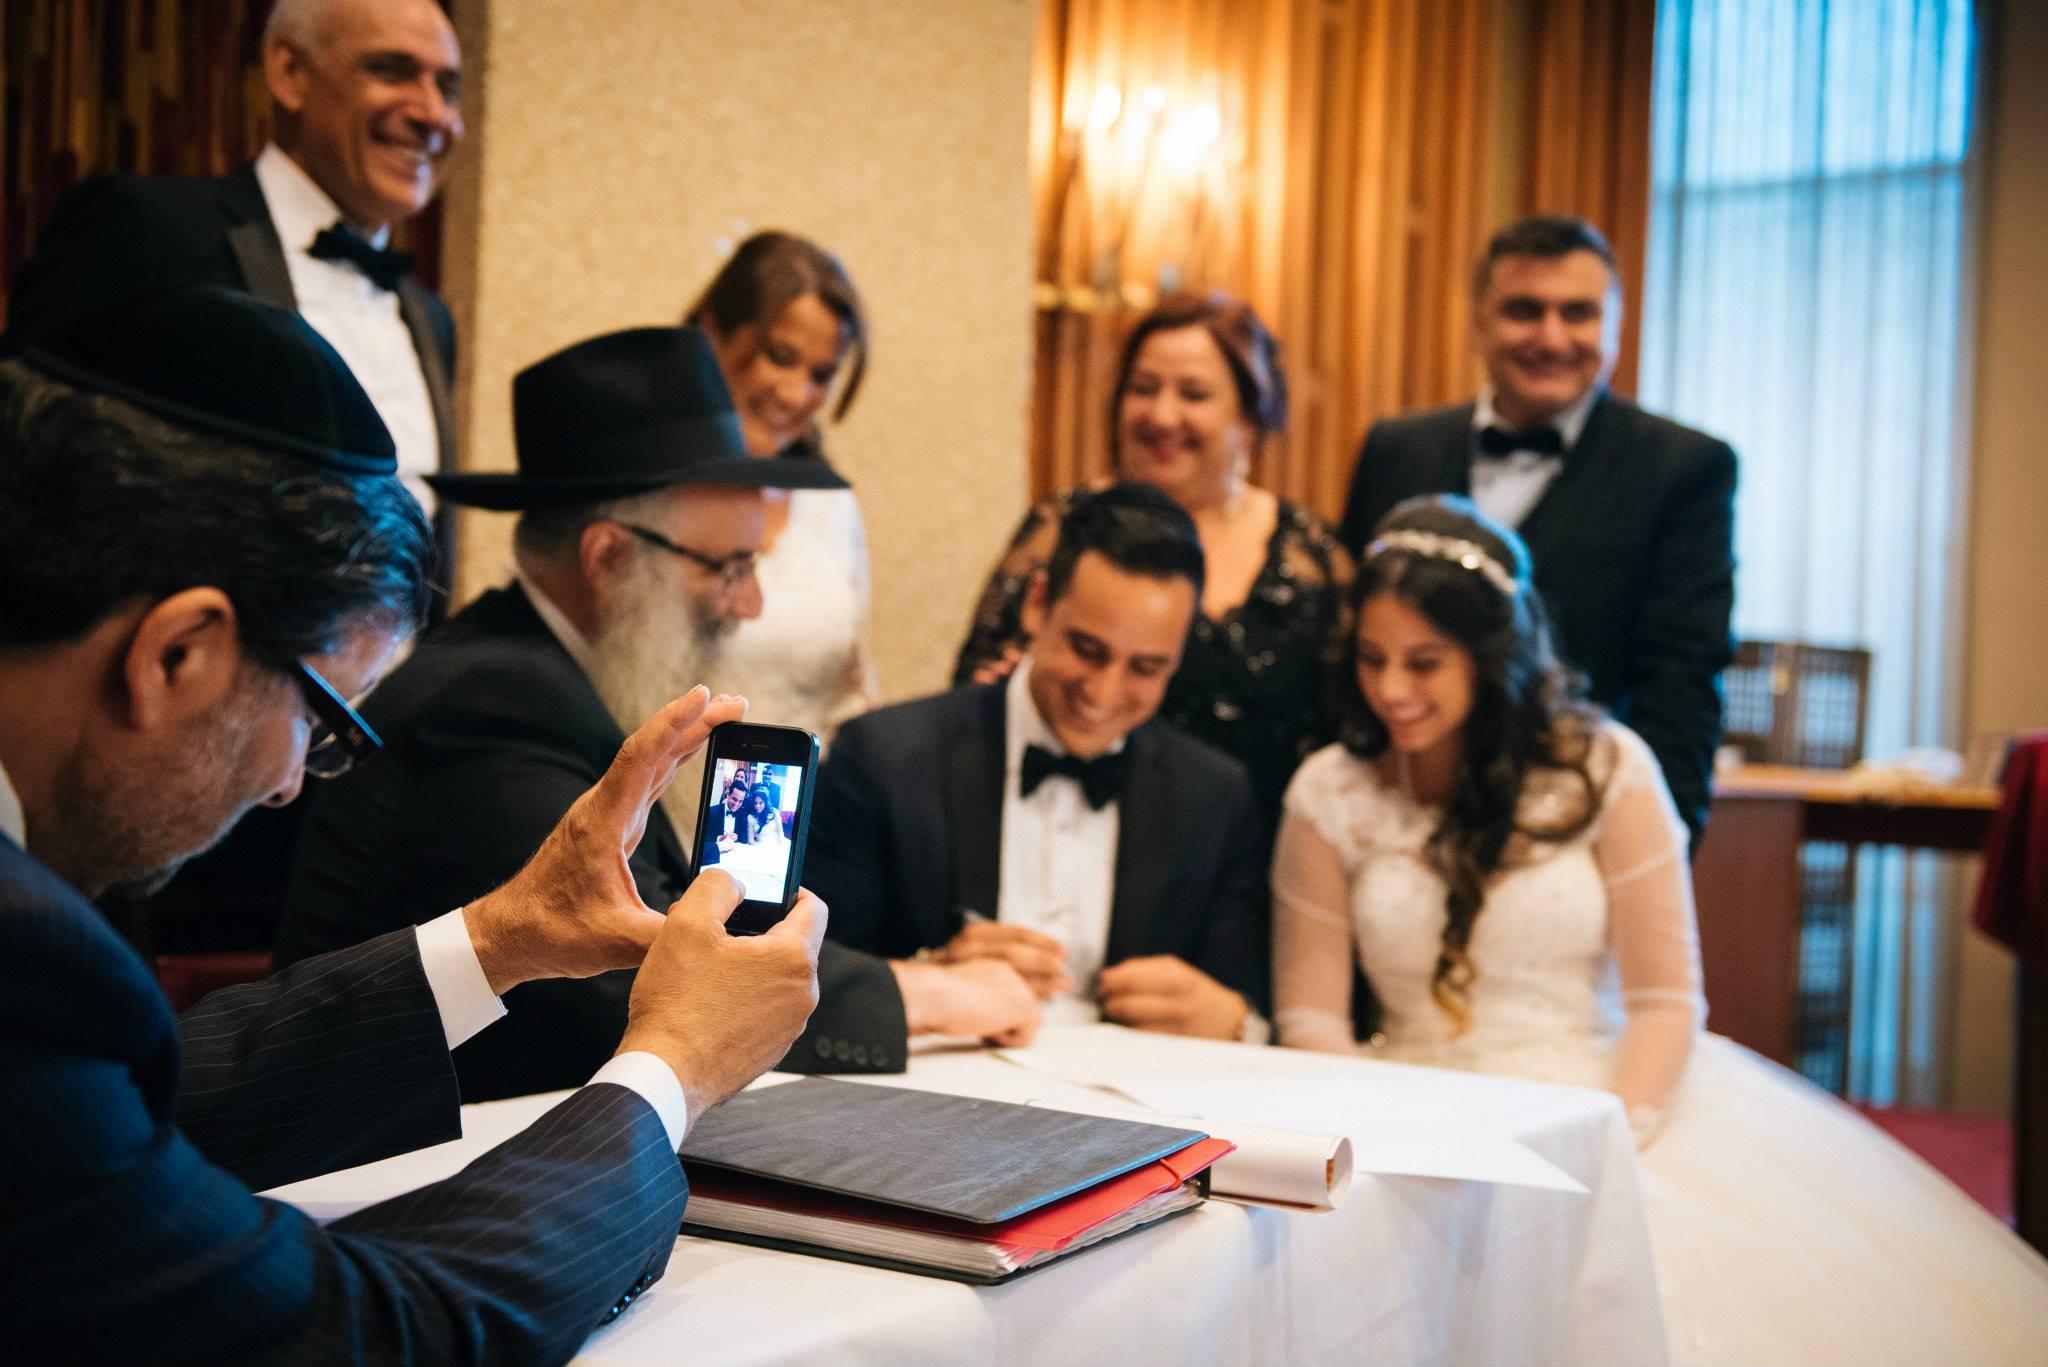 Weddings_Vesia9 (3).jpg